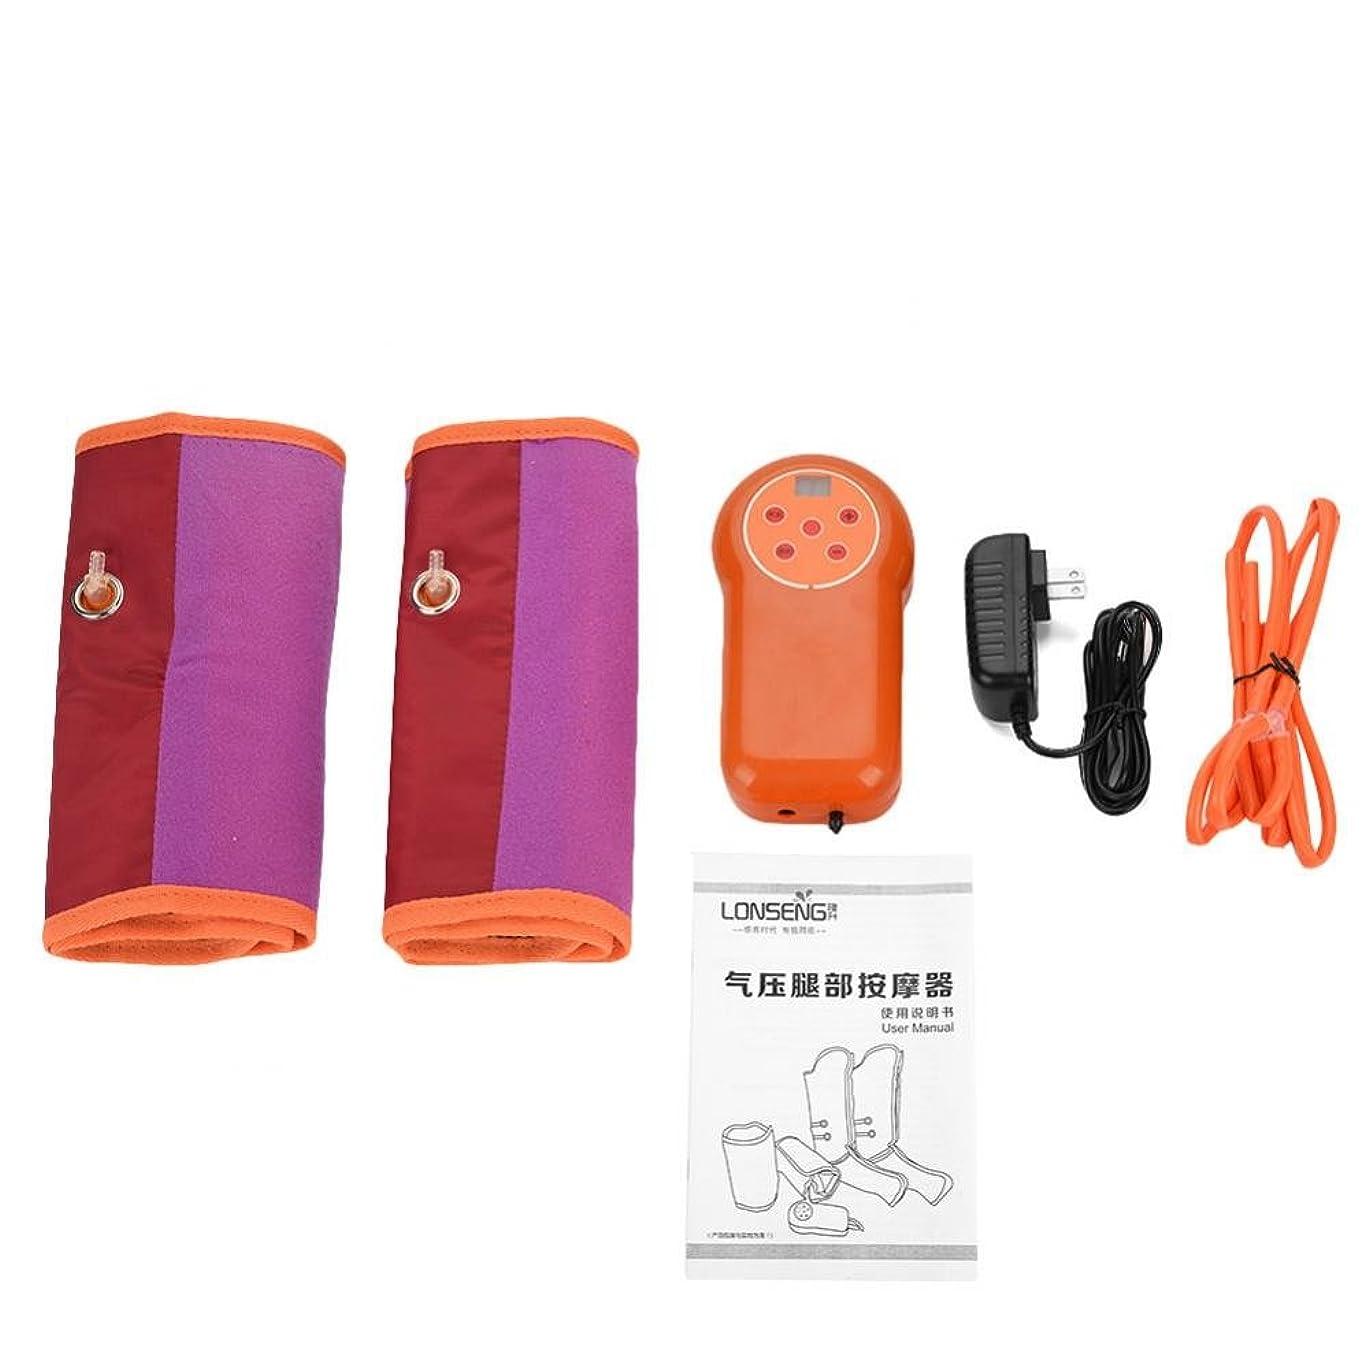 半ば累計直径空気圧縮マッサージ、タイミング設定 9レベルモード 調節可能な腕マッサージャー 電気サイクル(1)